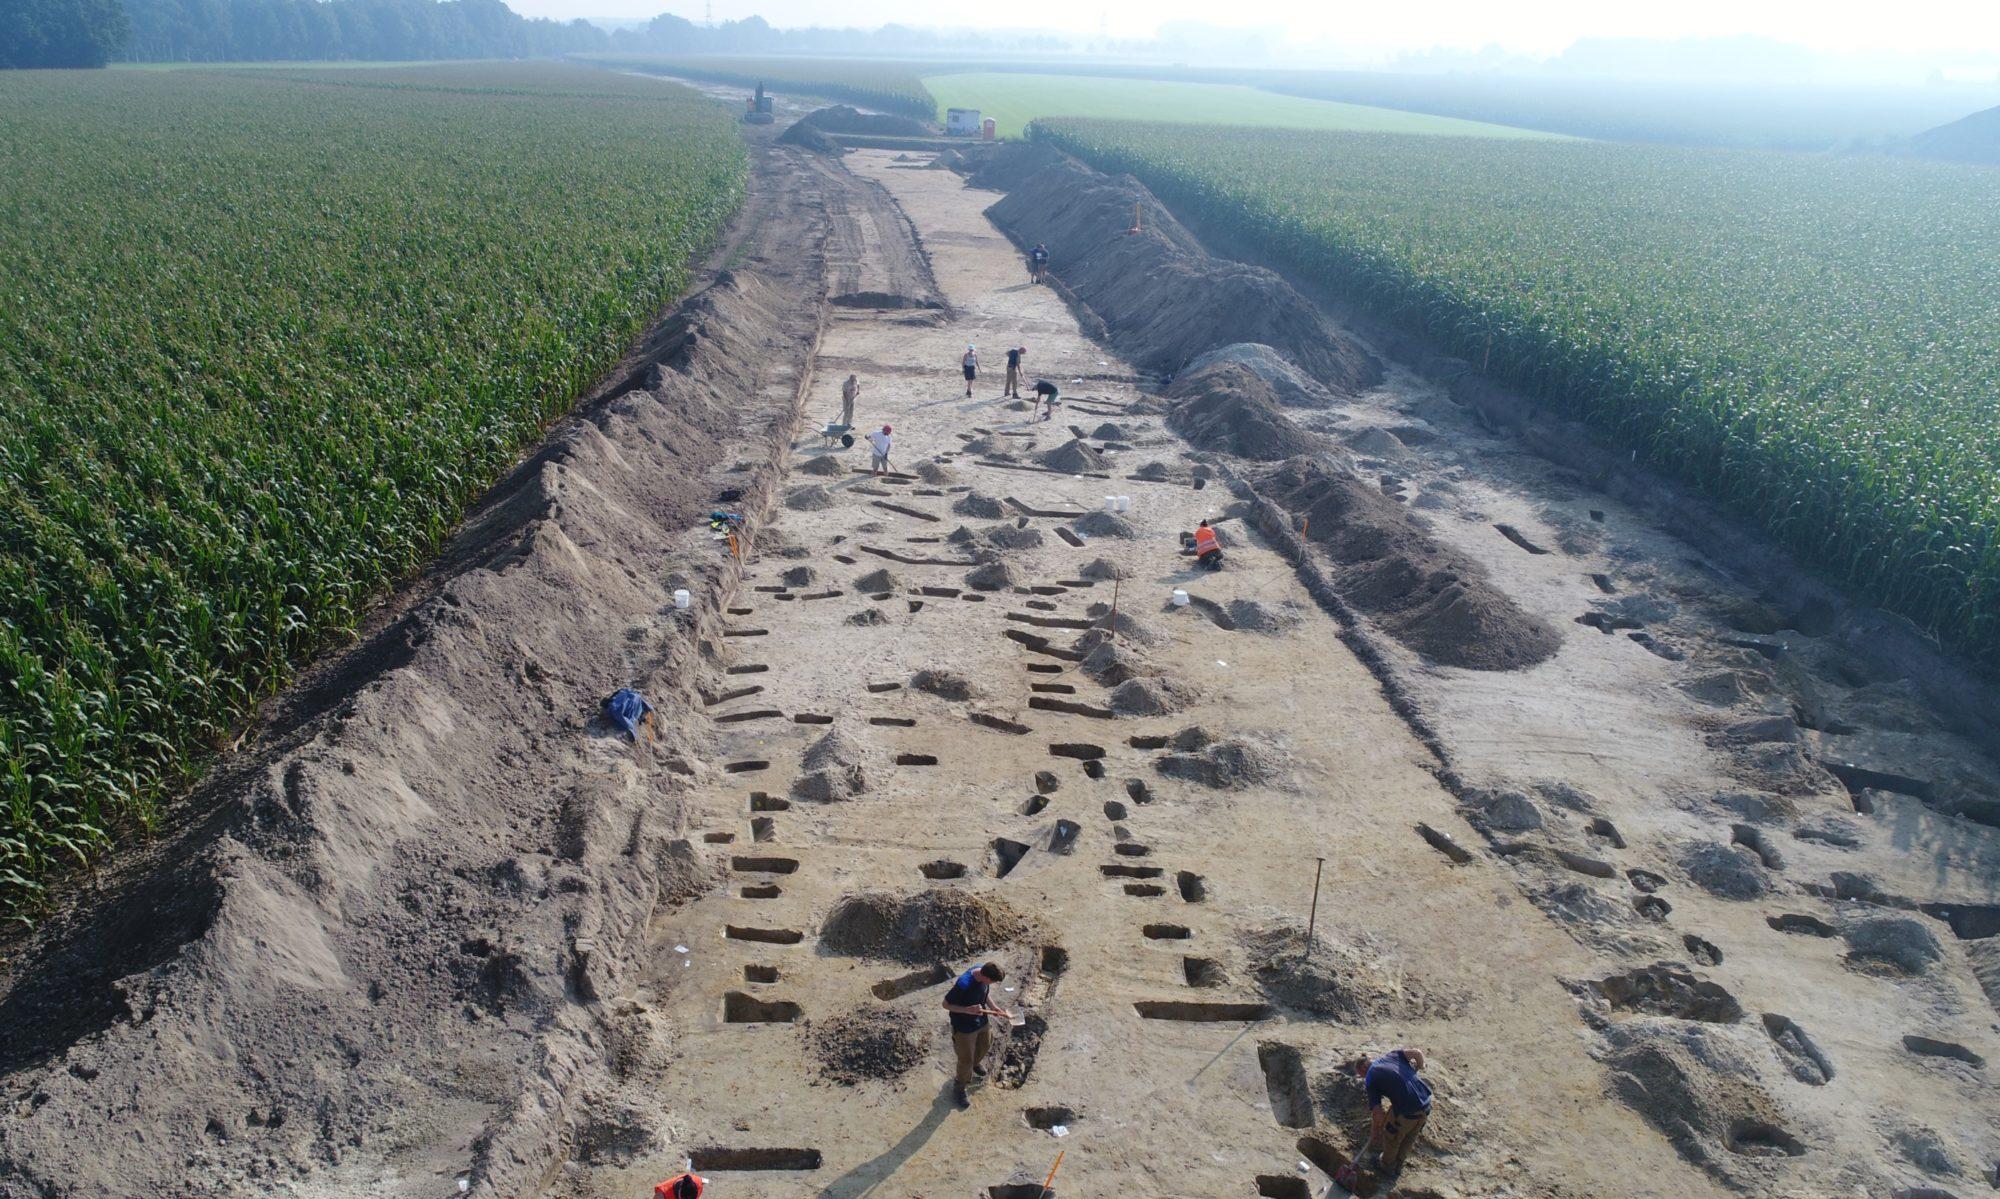 NEDERLANDSE VERENIGING VAN ARCHEOLOGISCHE OPGRAVINGSBEDRIJVEN